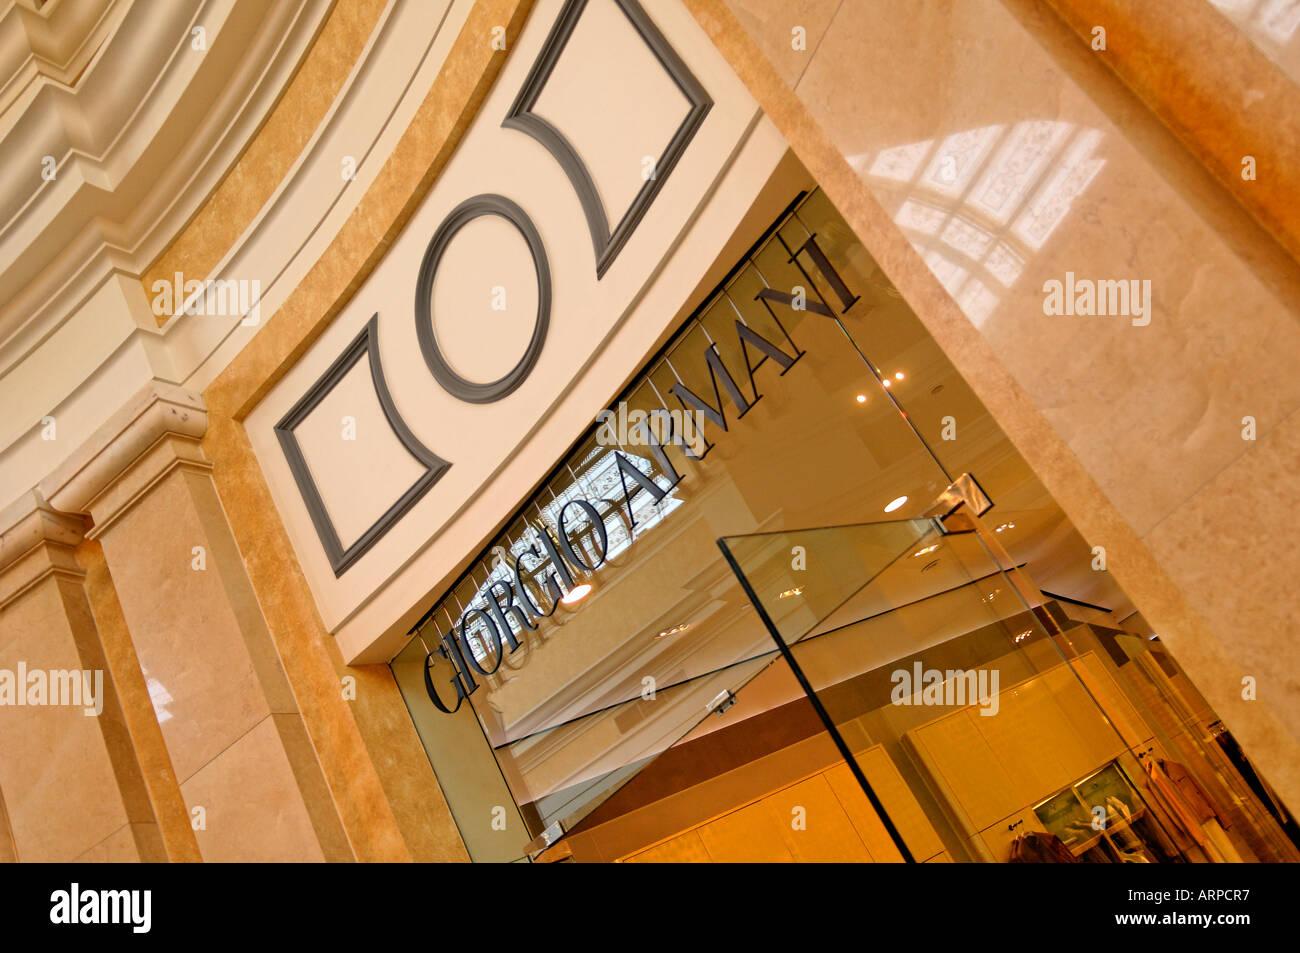 The Giorgio Armani Store within the Bellagio Hotel and Casino in Las Vegas,  Nevada - 90f357898d0d